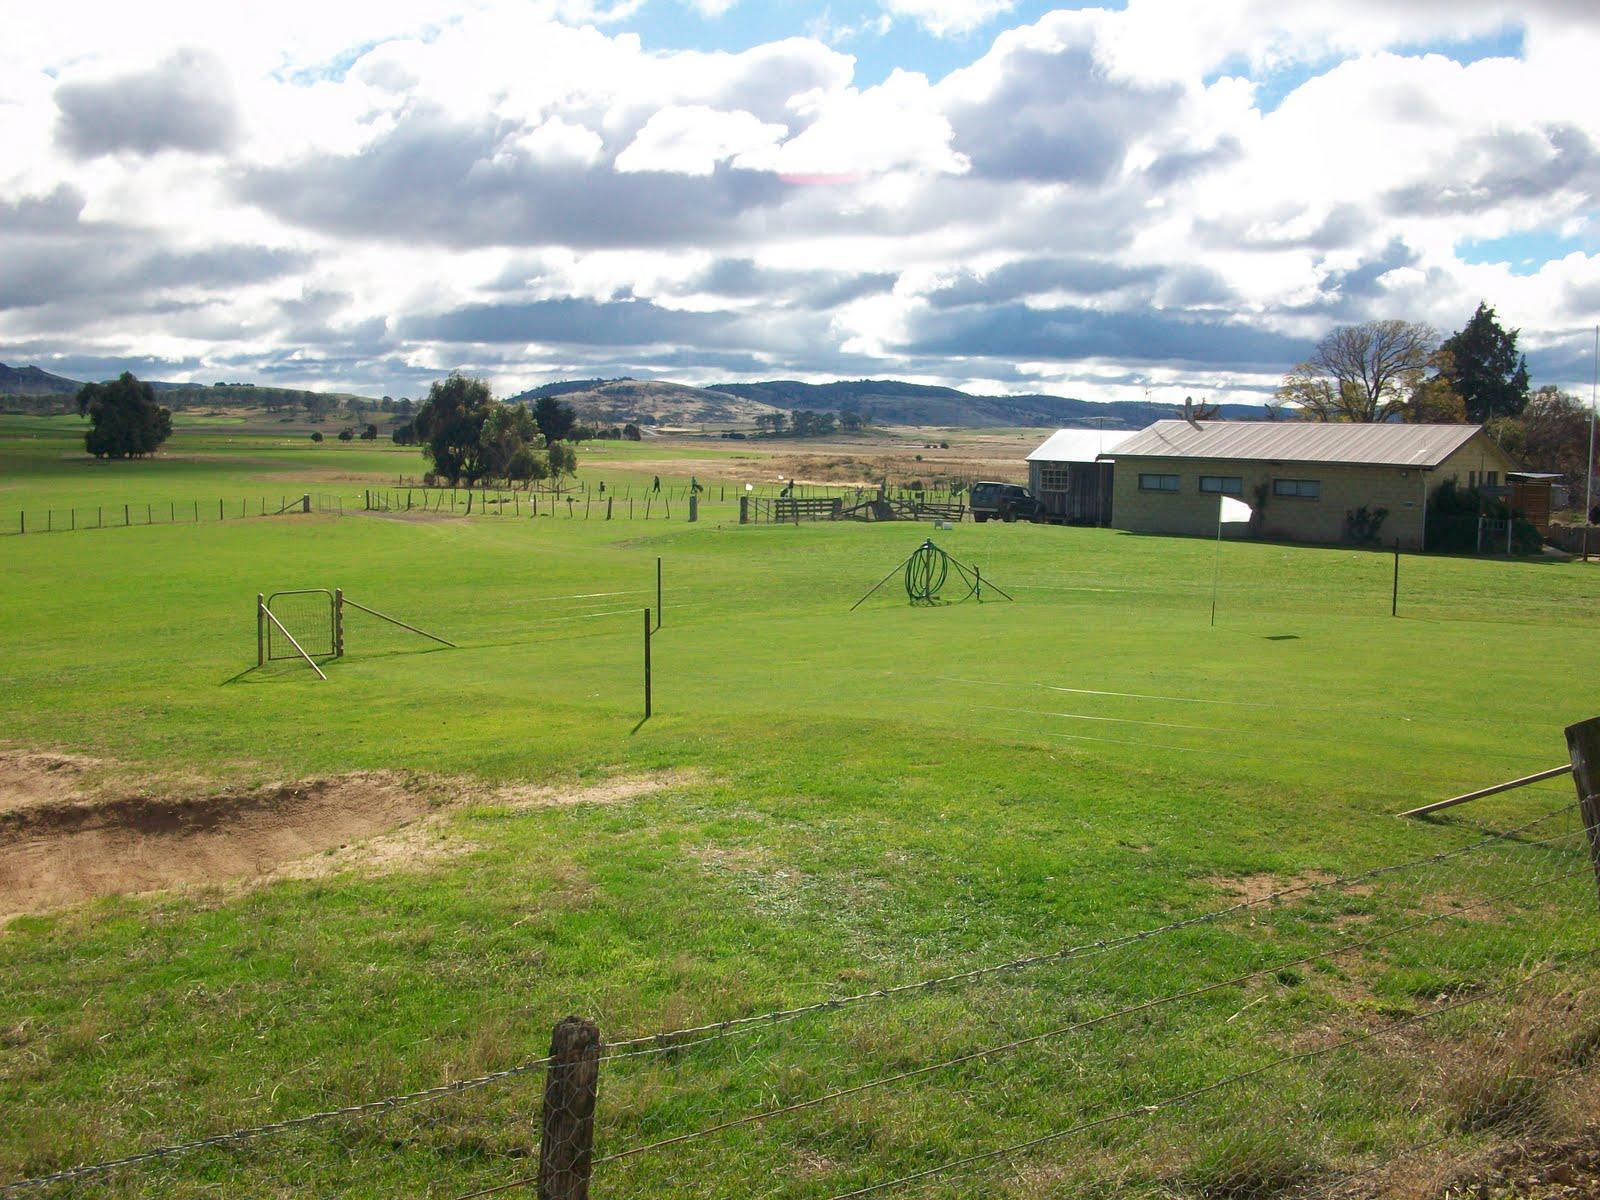 New-blog-pics: Wallpaper Golf Course